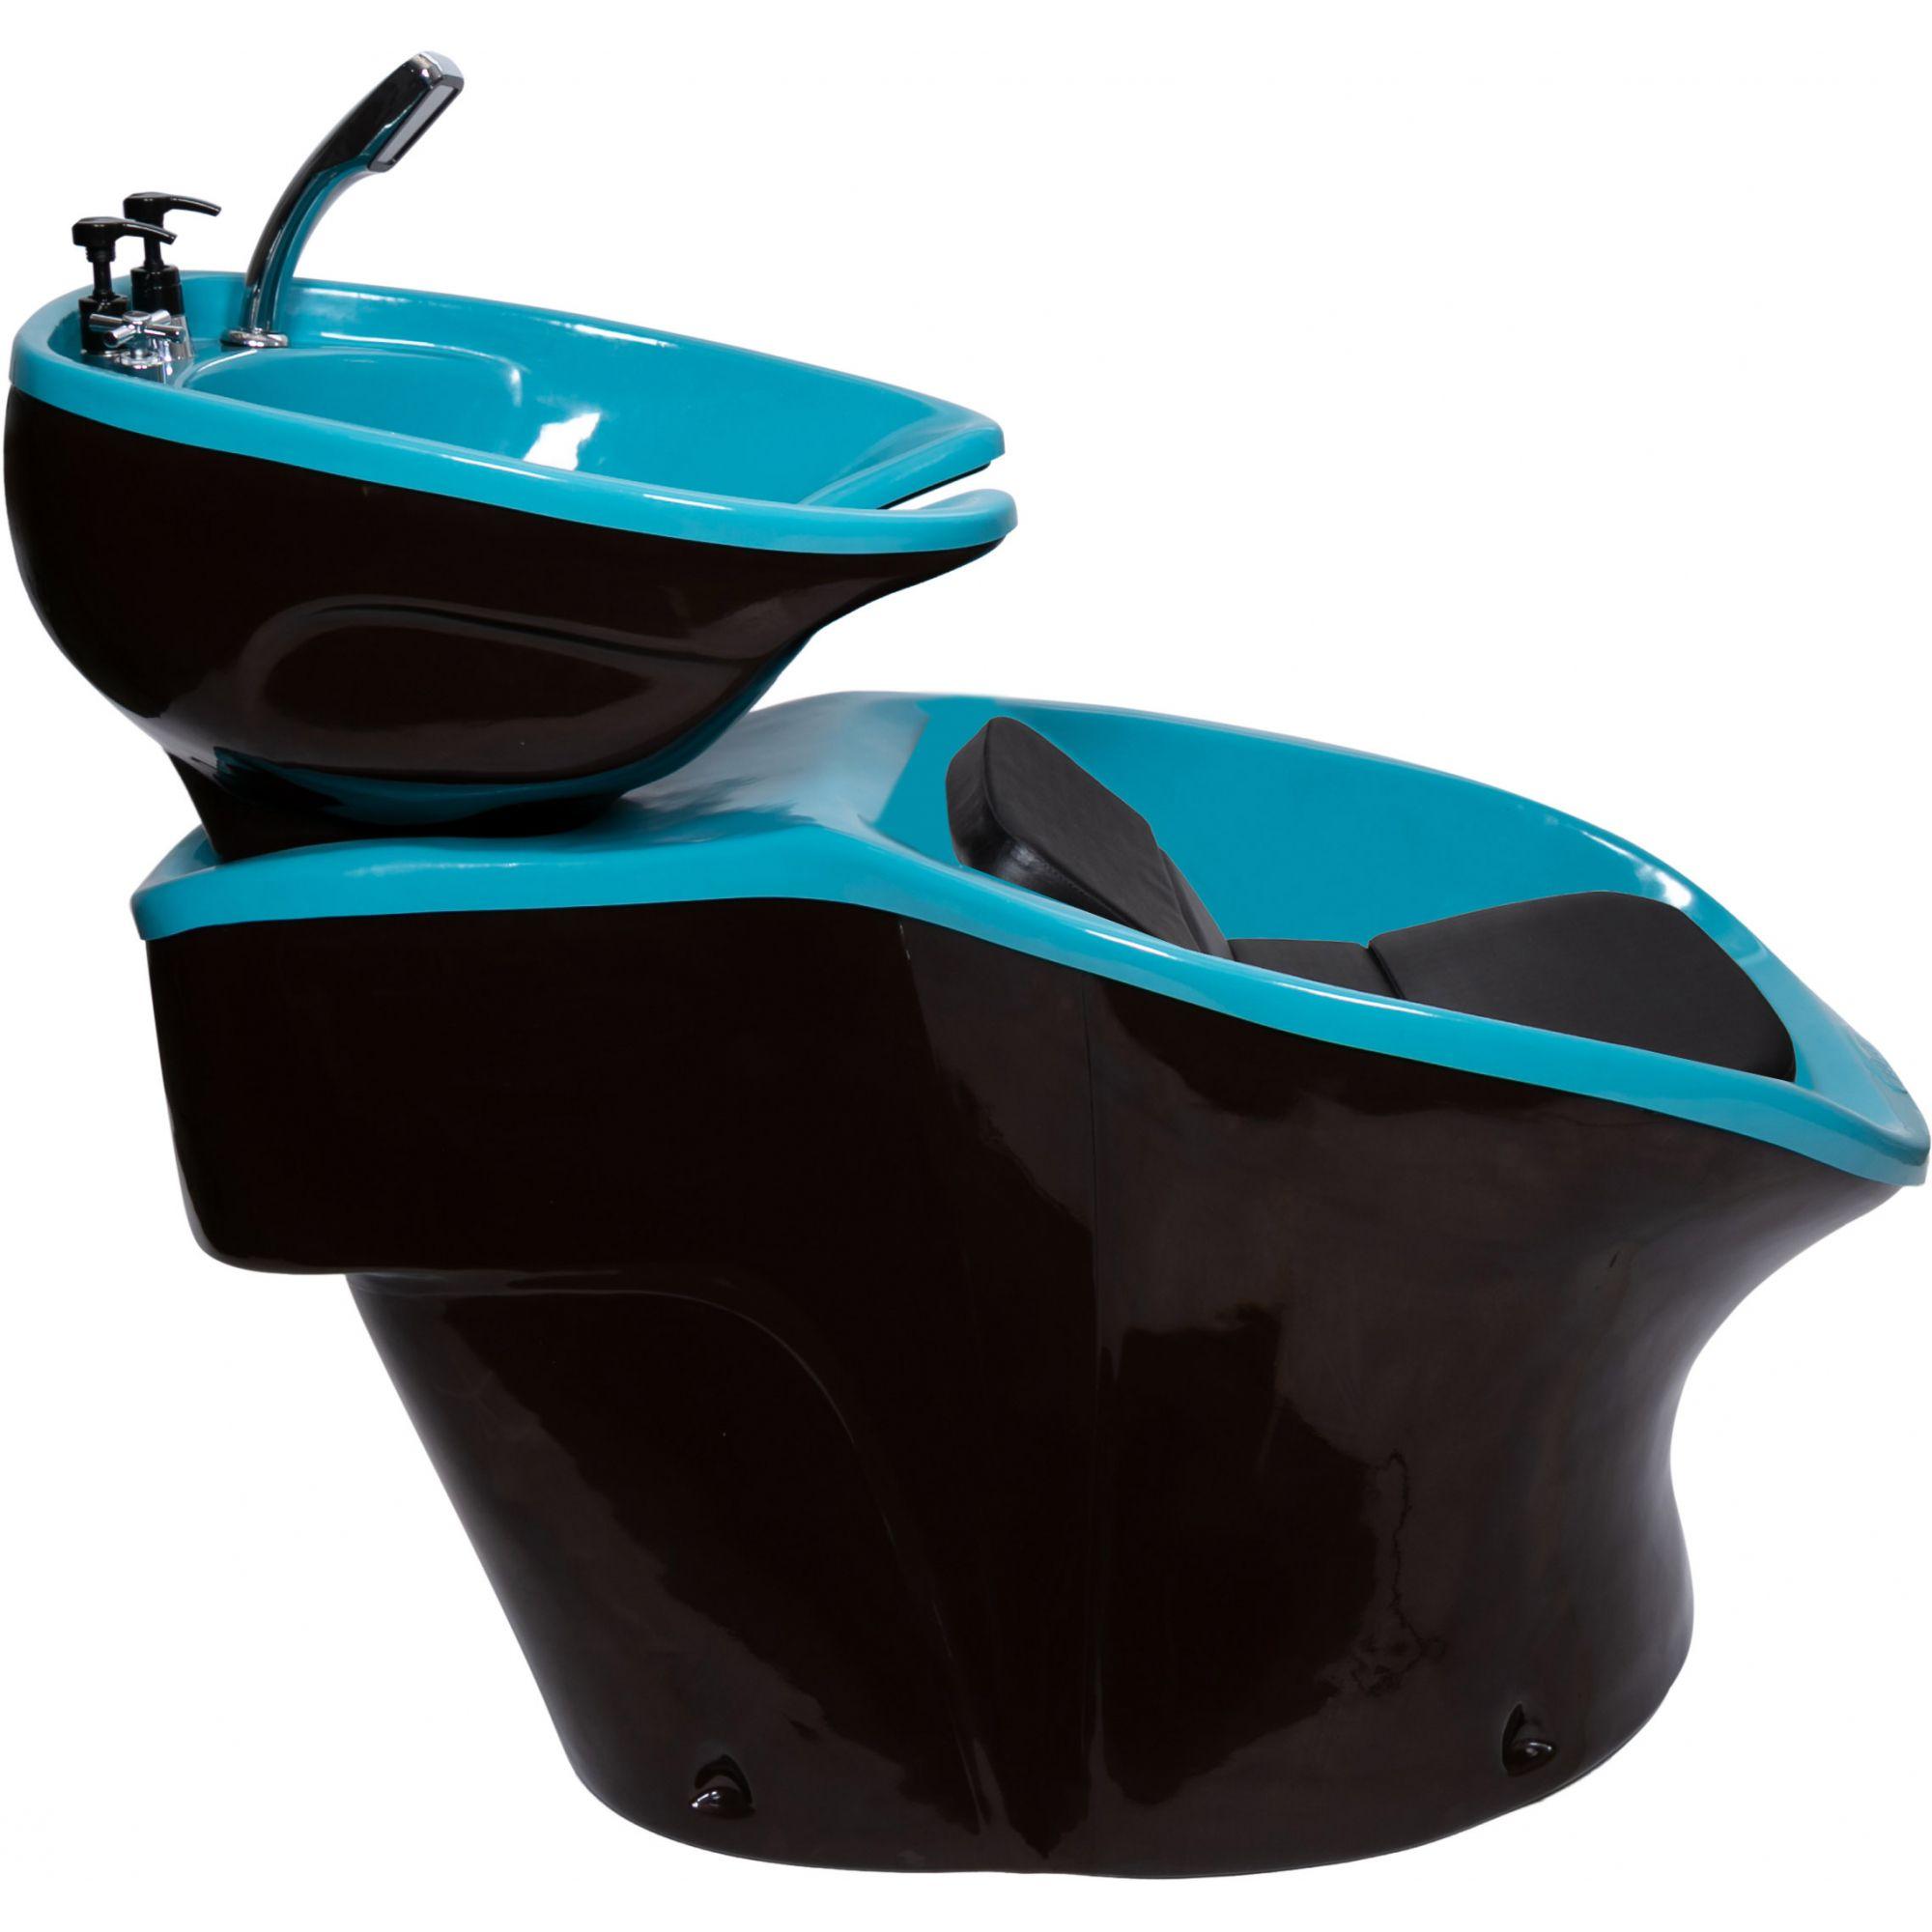 Lavatório Neon Shampoo Retro - Preto e Azul